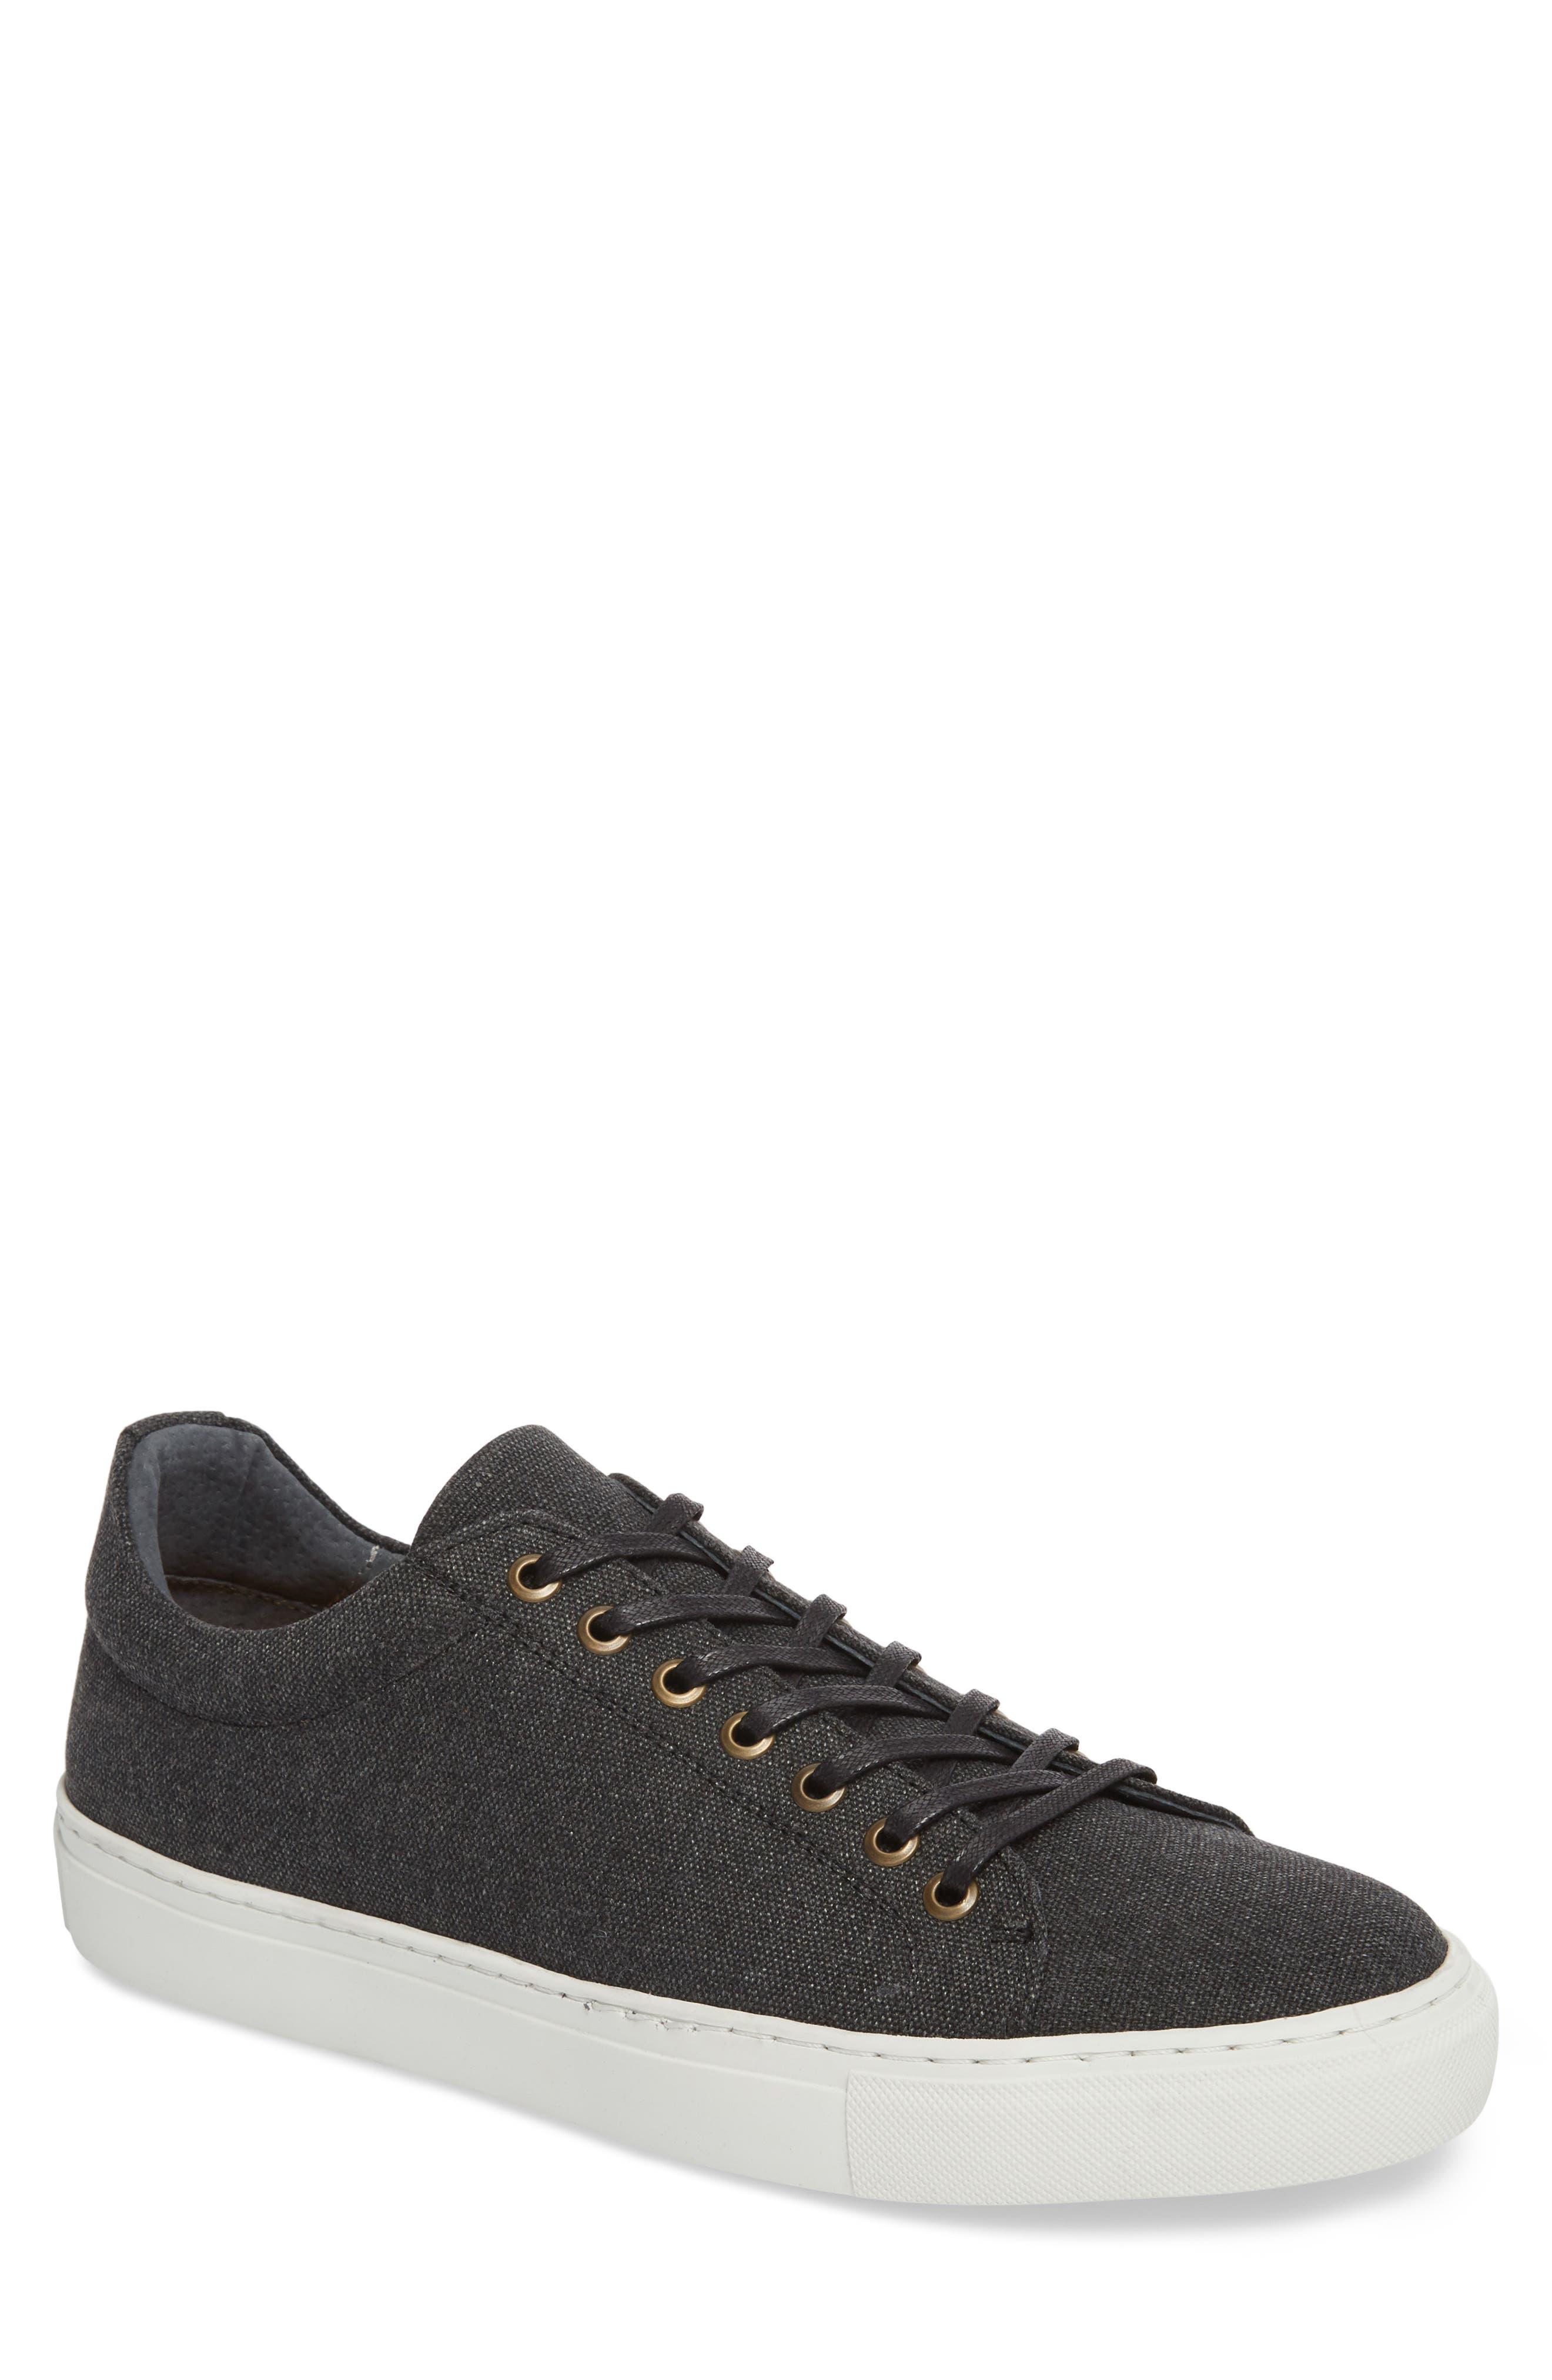 Mark Low Top Sneaker,                             Main thumbnail 1, color,                             007